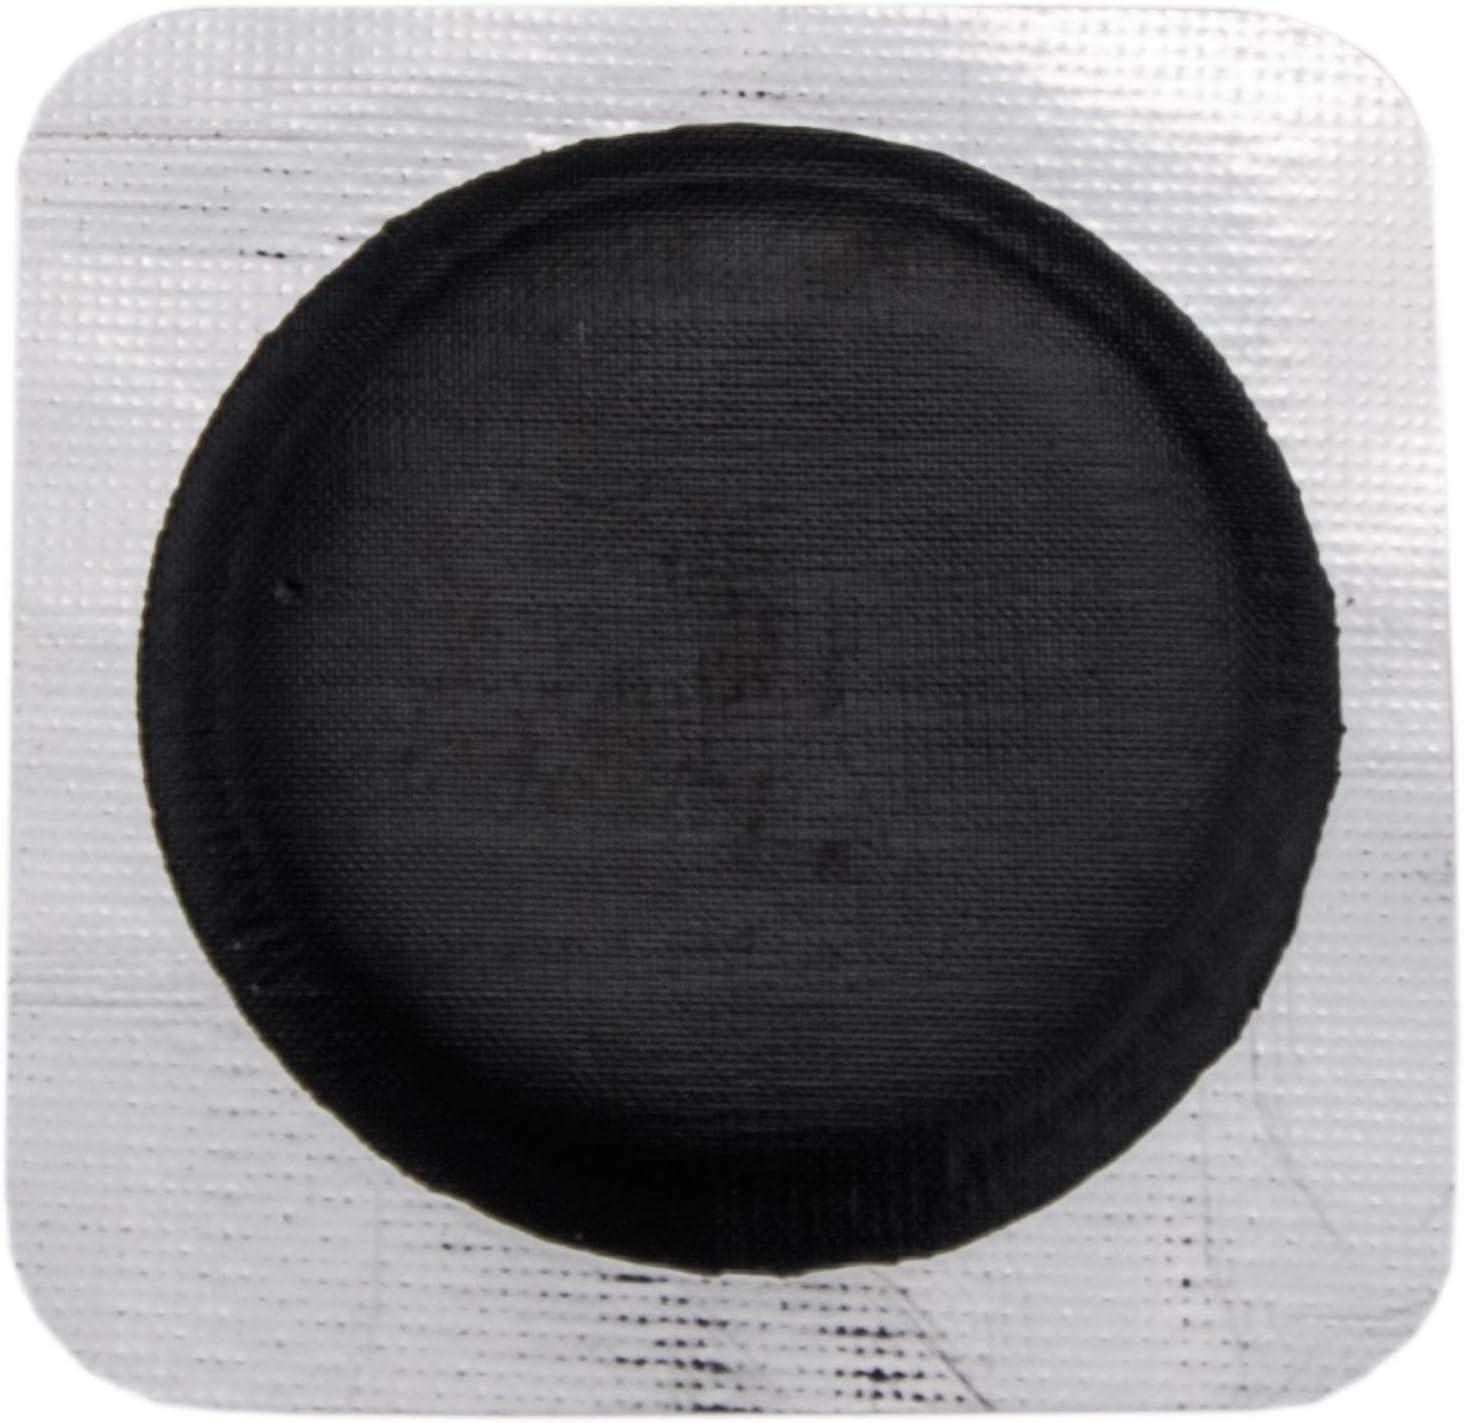 Stix 8X Reparatur Flicken f/ür Reifen 30mm Universal Set Flickzeug Gummi Patch